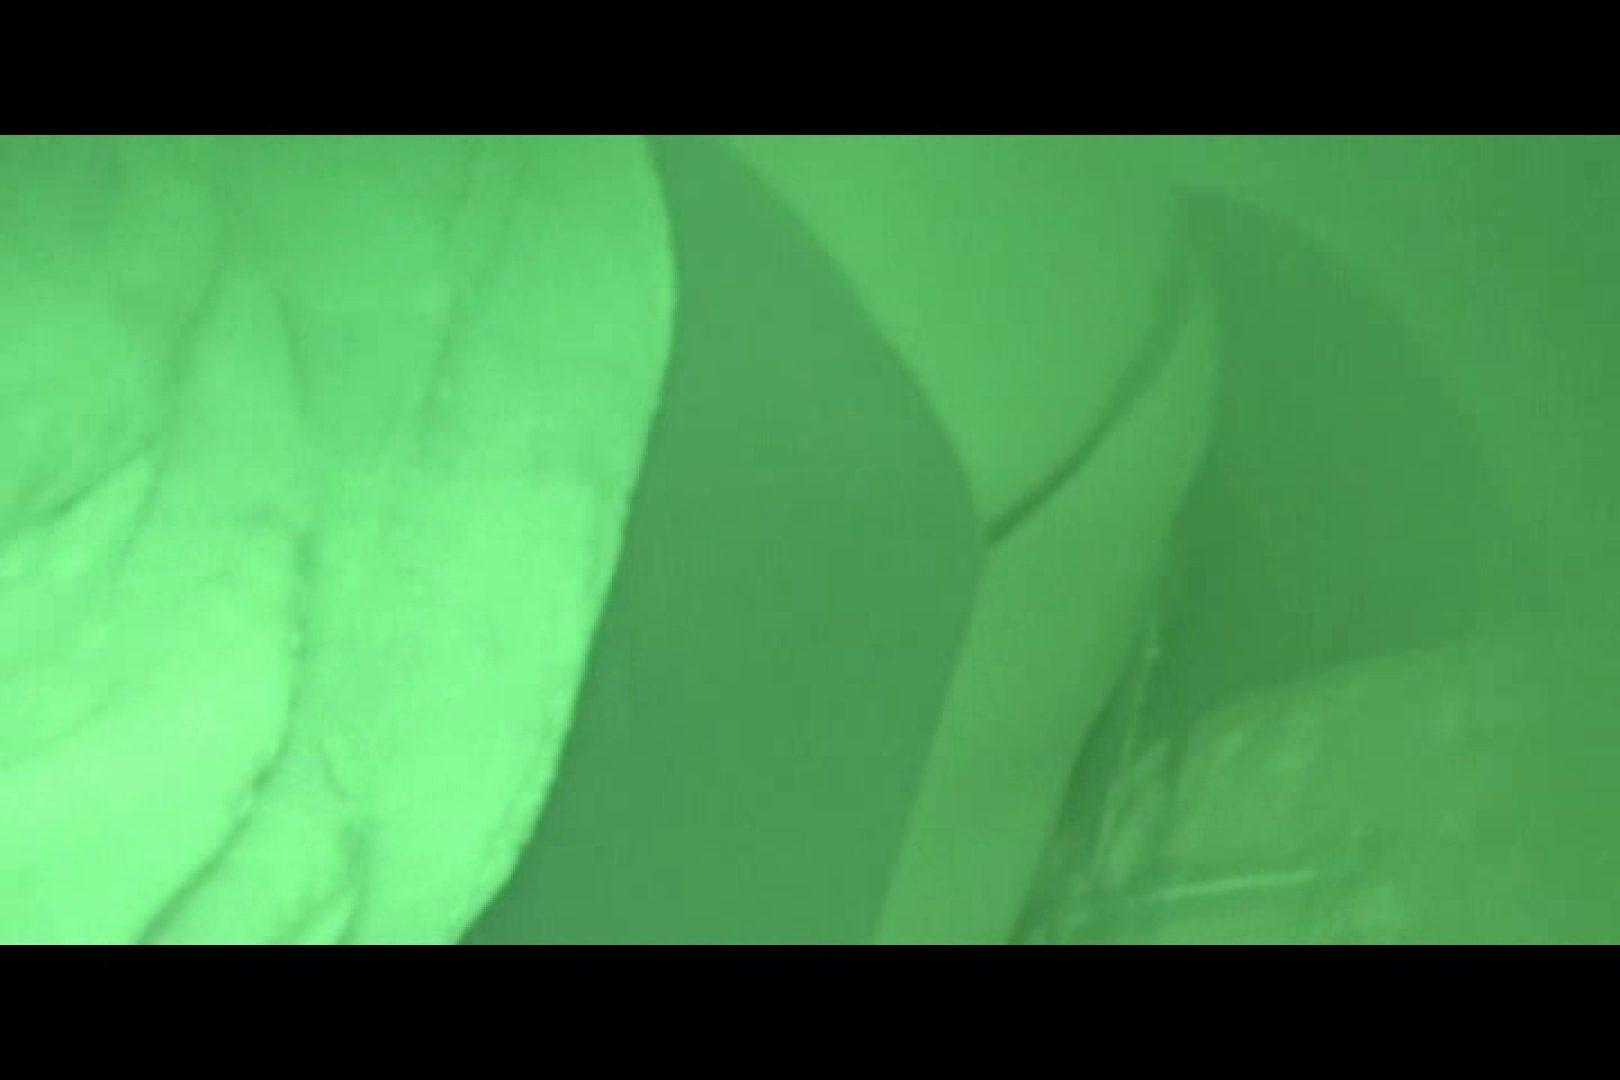 独占配信!無修正! 看護女子寮 vol.08 エッチ見放題 オメコ動画キャプチャ 113PIX 13